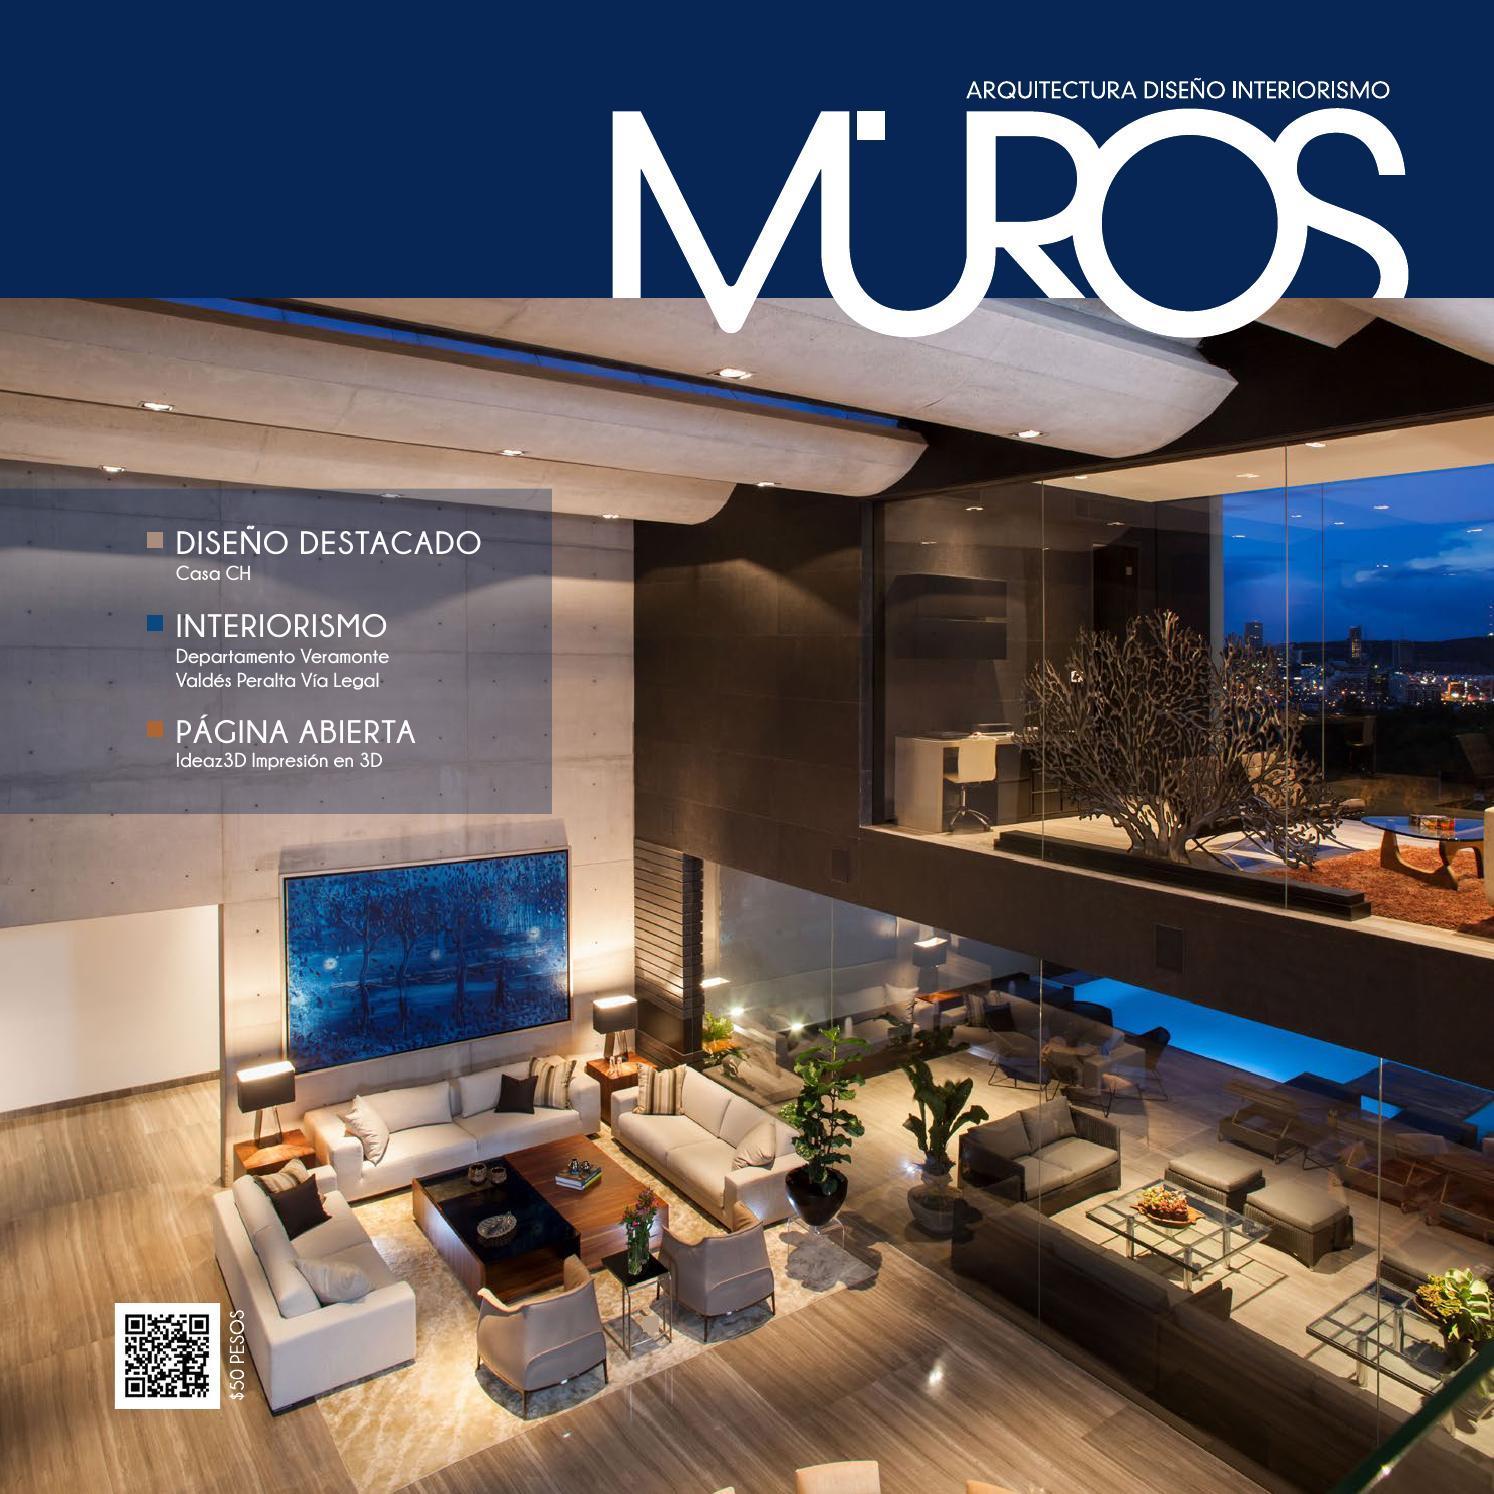 Edici n 8 revista muros arquitectura dise o interiorismo for Tipos de cocina arquitectura